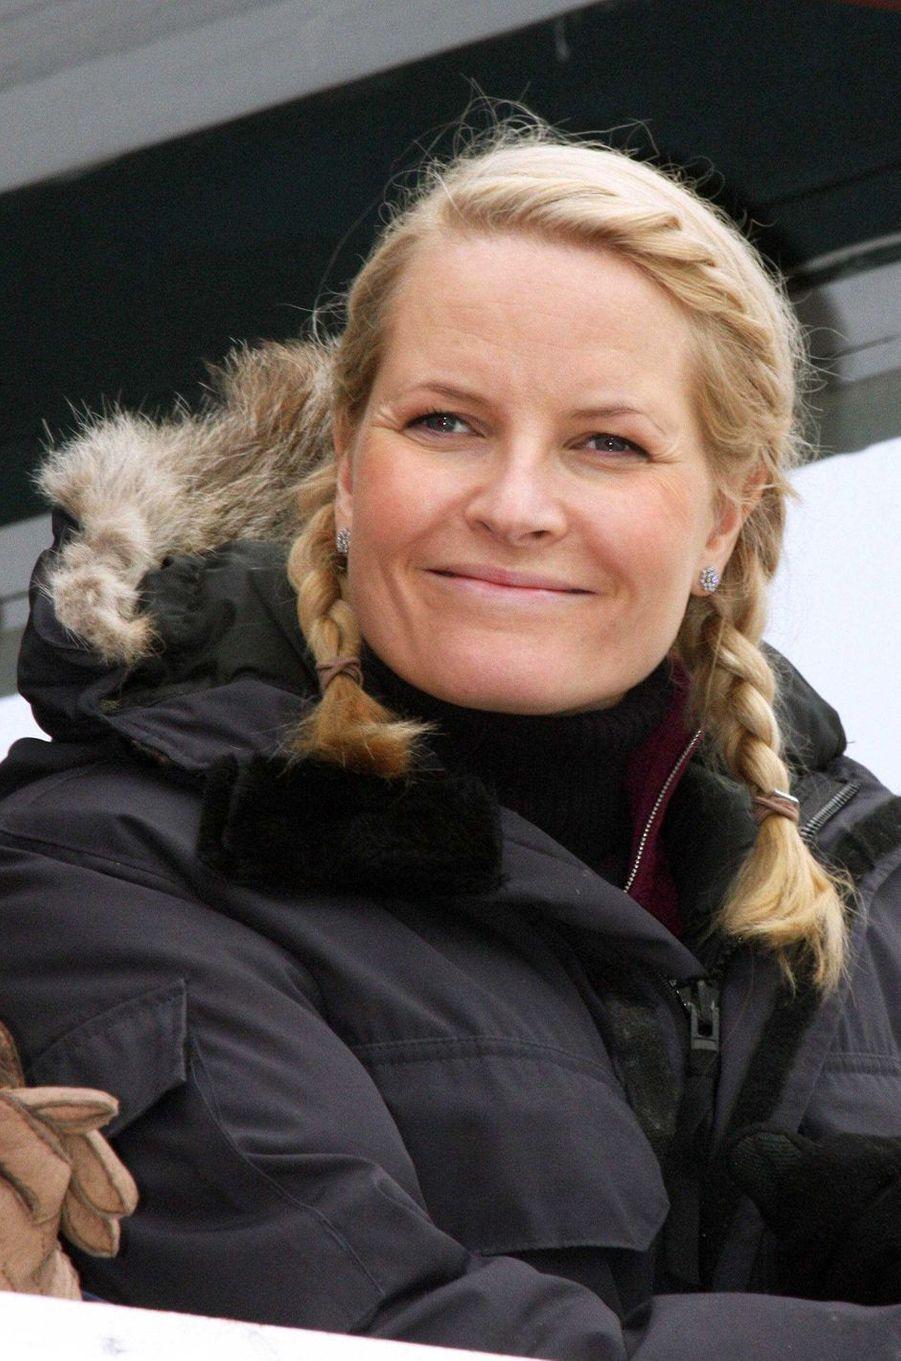 La princesse Mette-Marit de Norvège, le 9 mars 2008